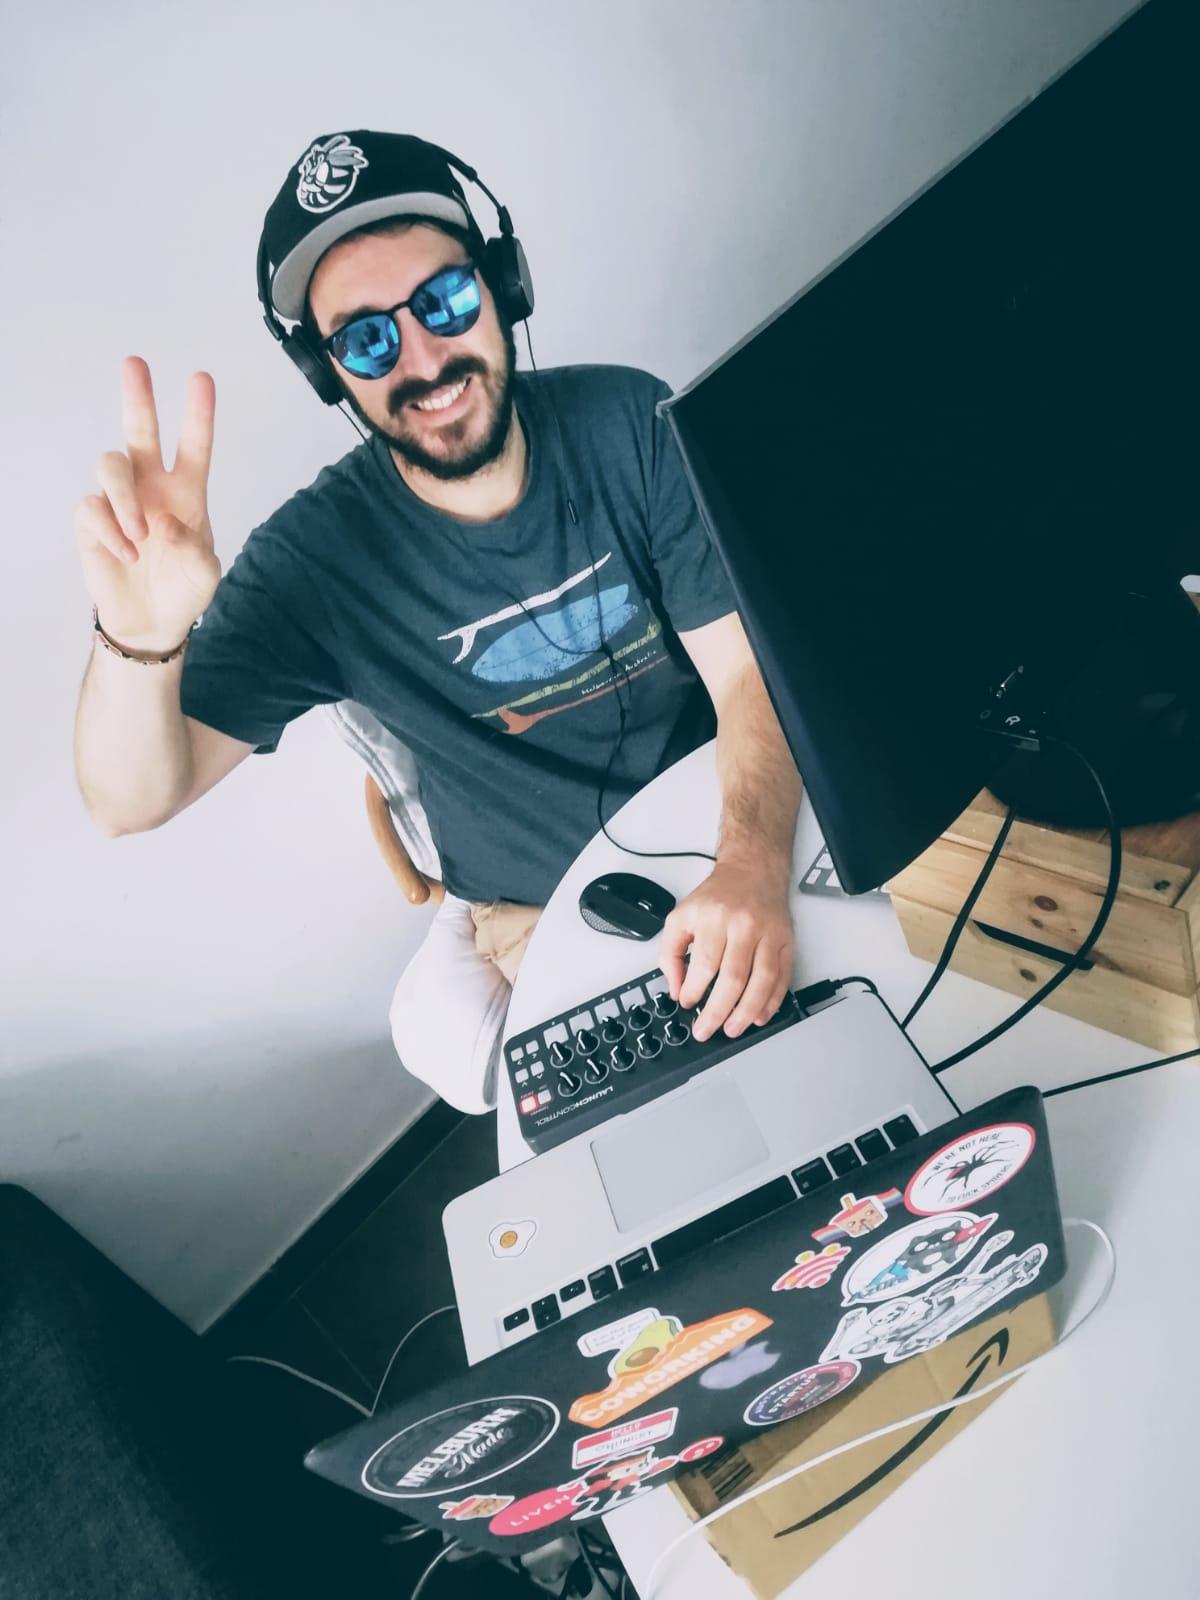 DJ #virtualspacehero